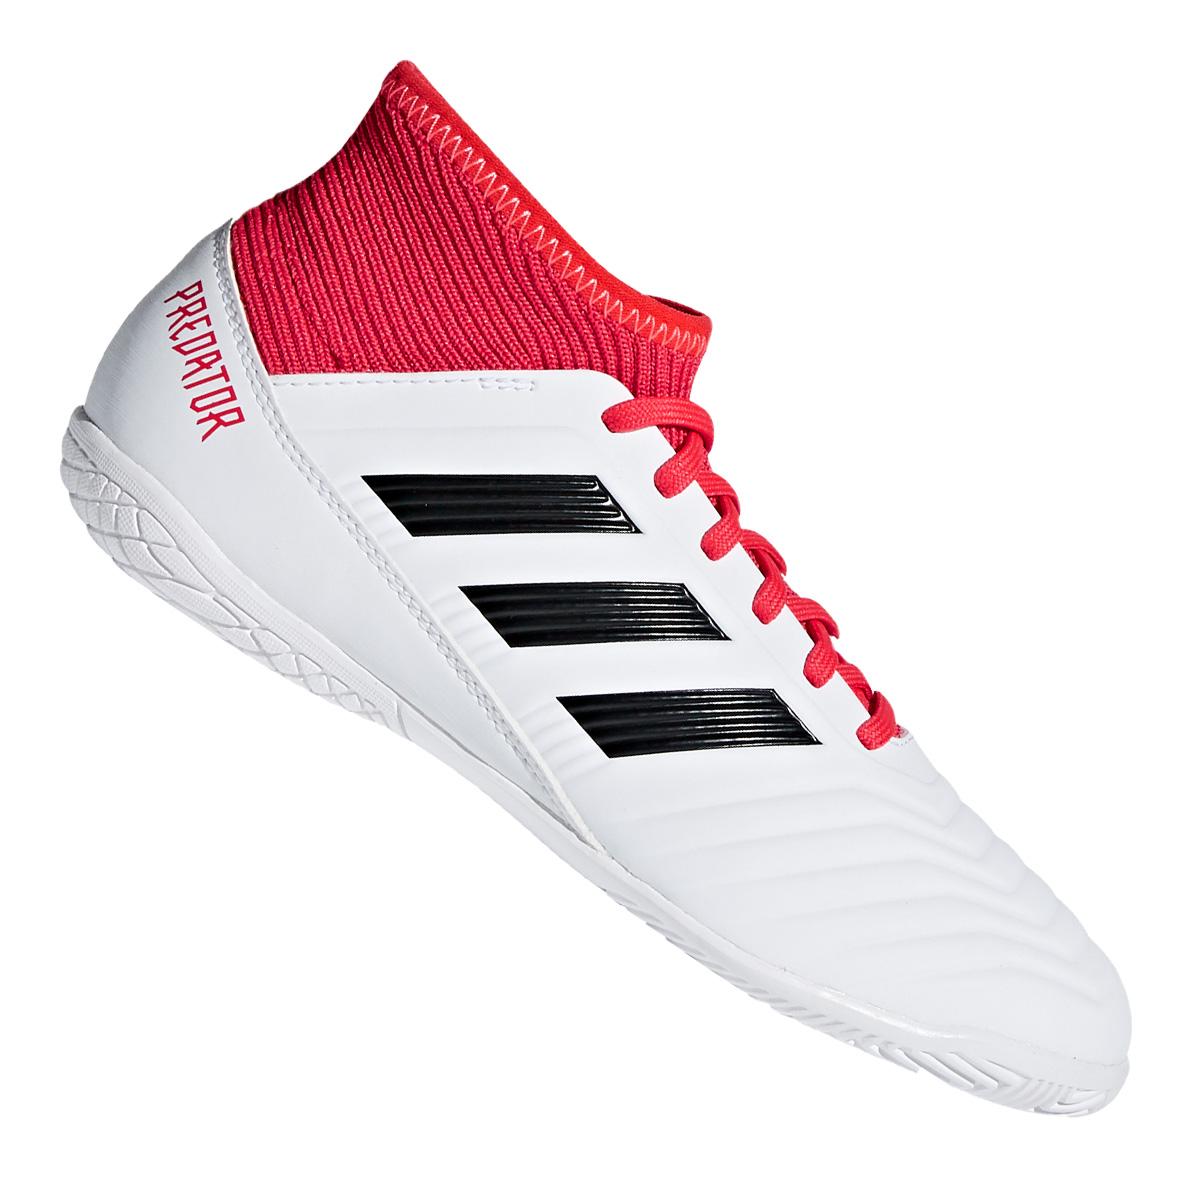 Details zu Adidas Predator Tango 18.3 IN Kinder weiß Socken Hallenschuhe  Fussball NEU